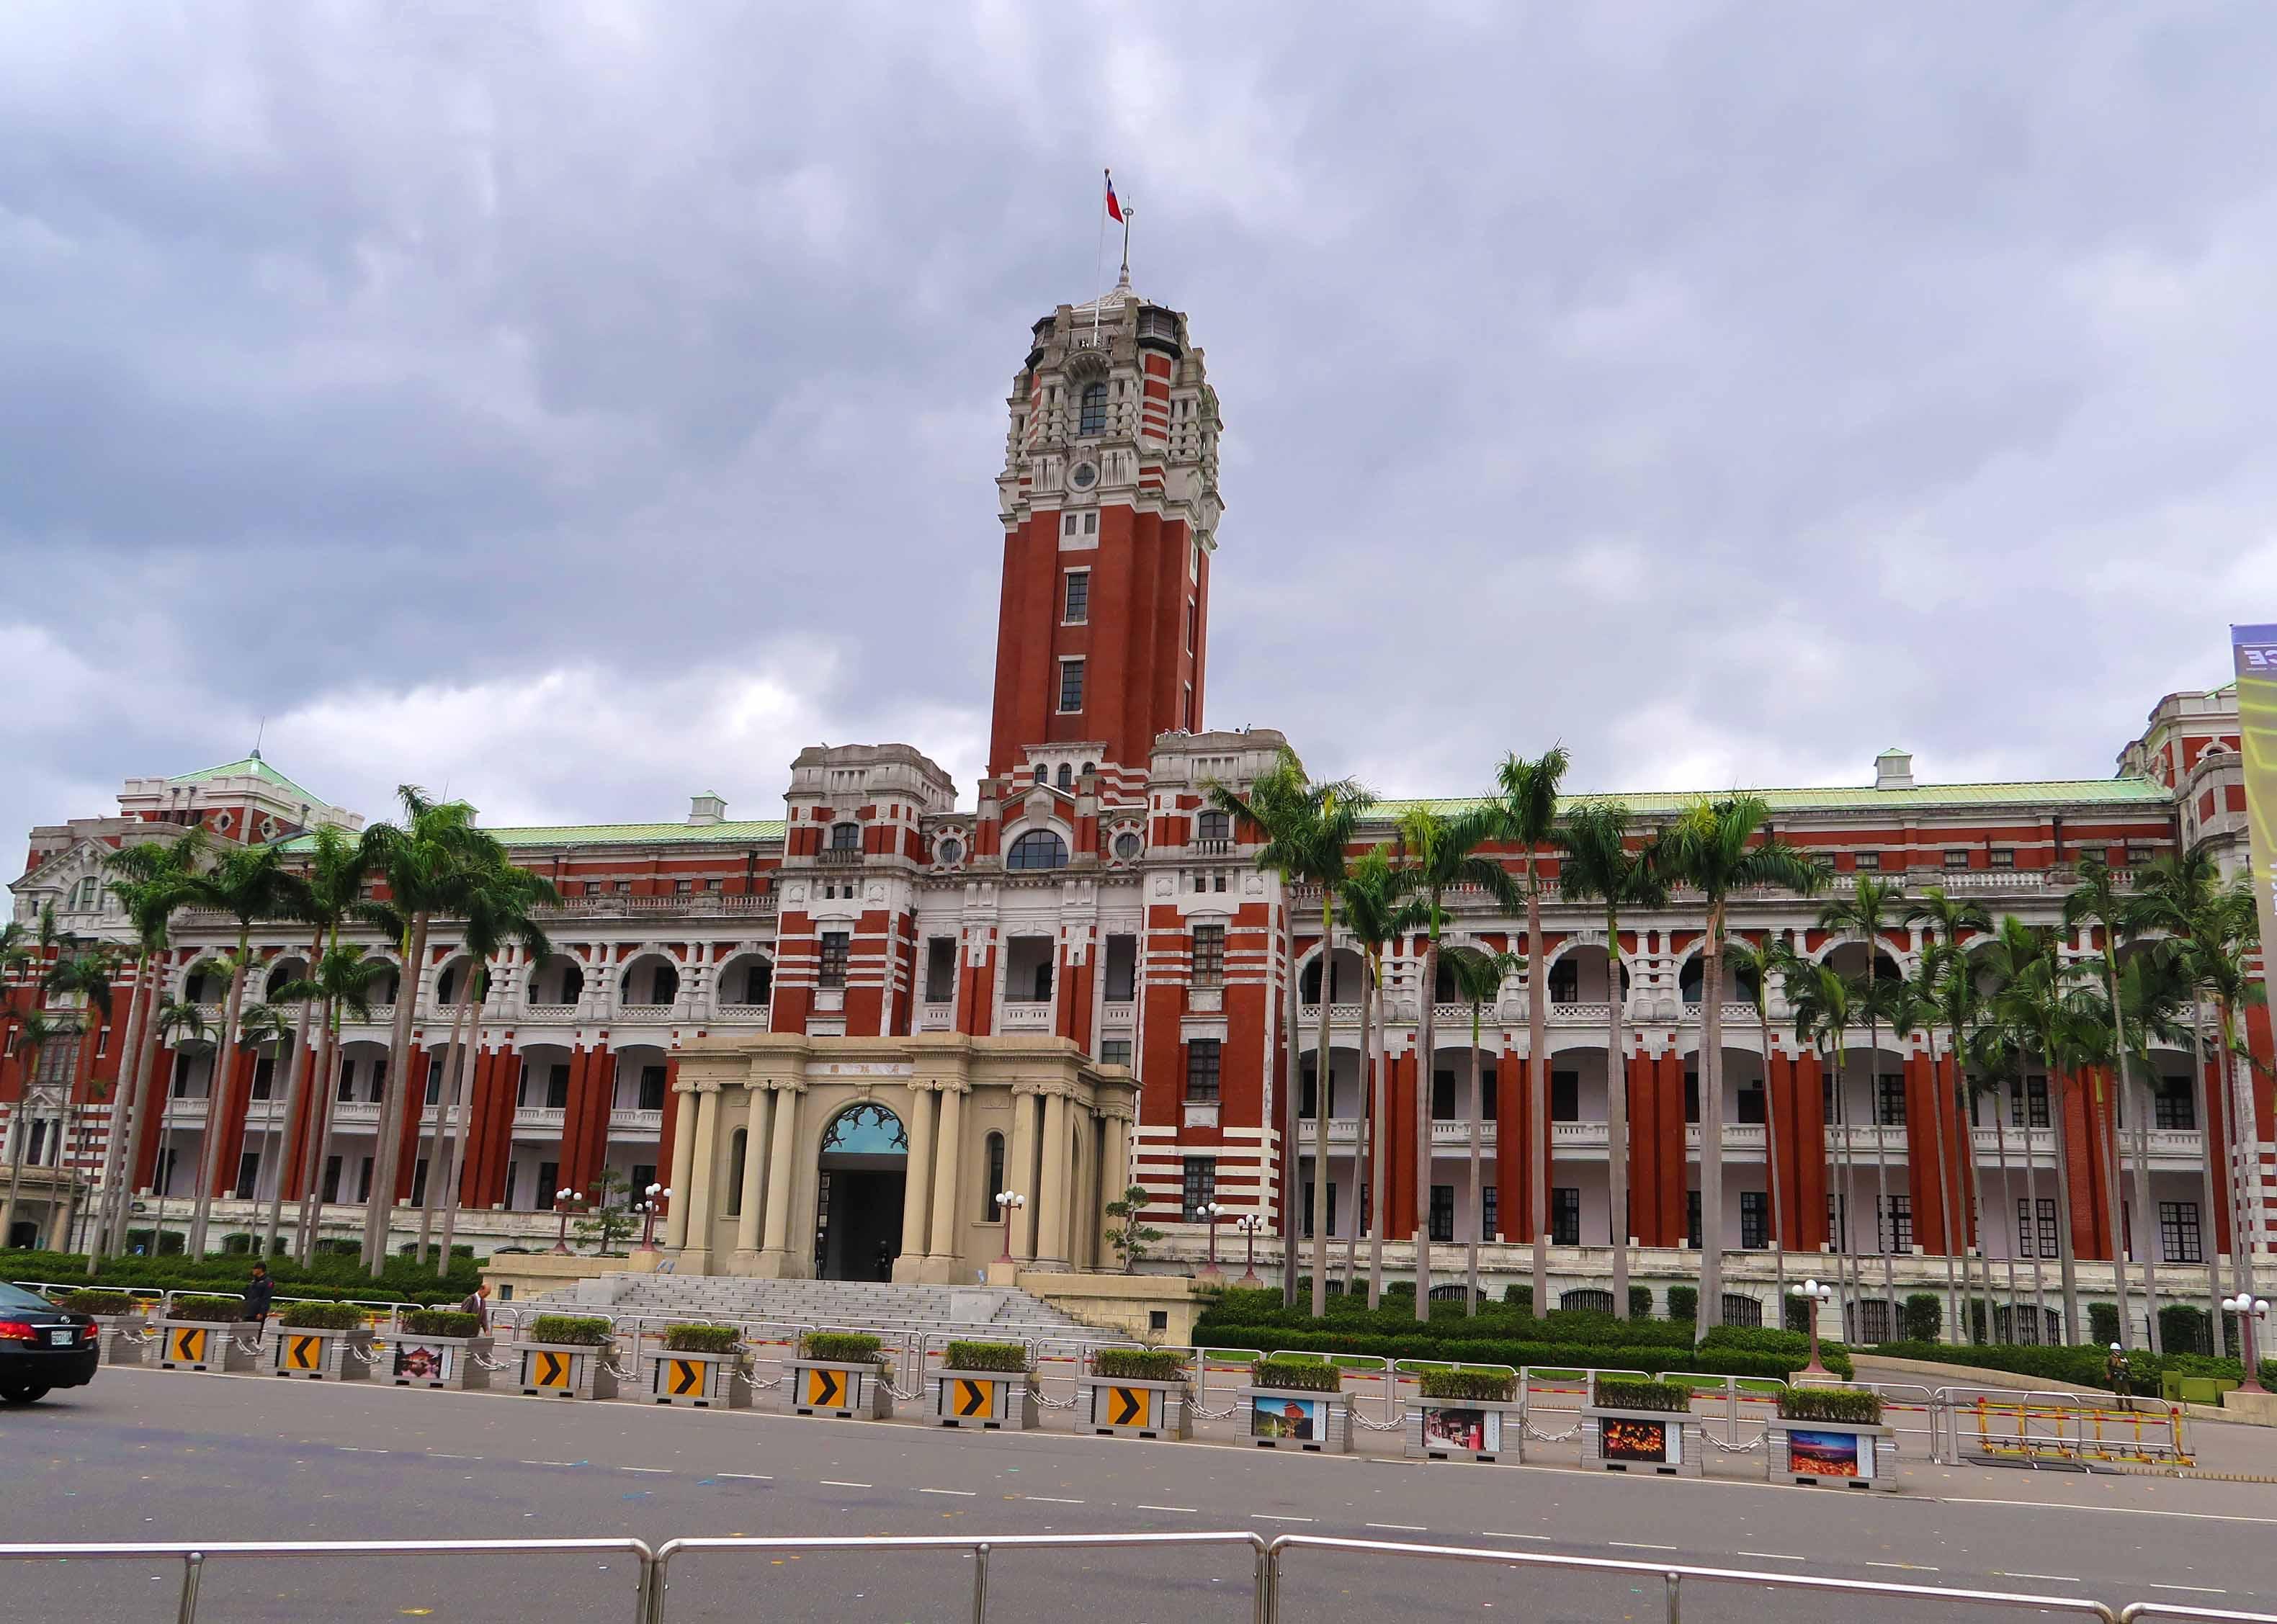 【二度目の台湾】 雙連朝市、国立台湾博物館、二二八和平公園、台北二二八紀念館、国立歴史博物館、台北植物園♪ ~三日目(1)~